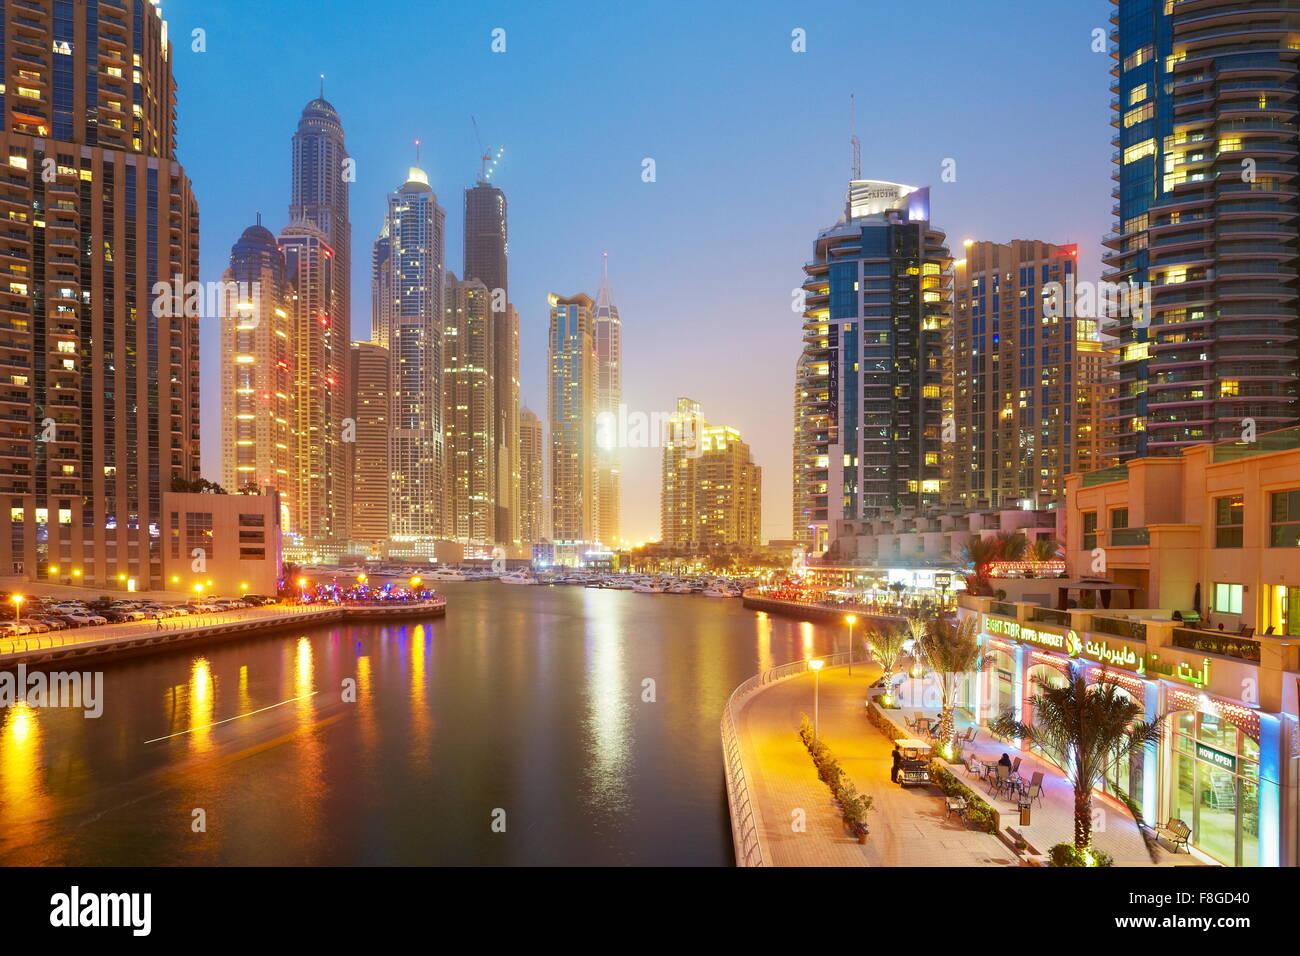 Dubai skyline - Marina, United Arab Emirates - Stock Image